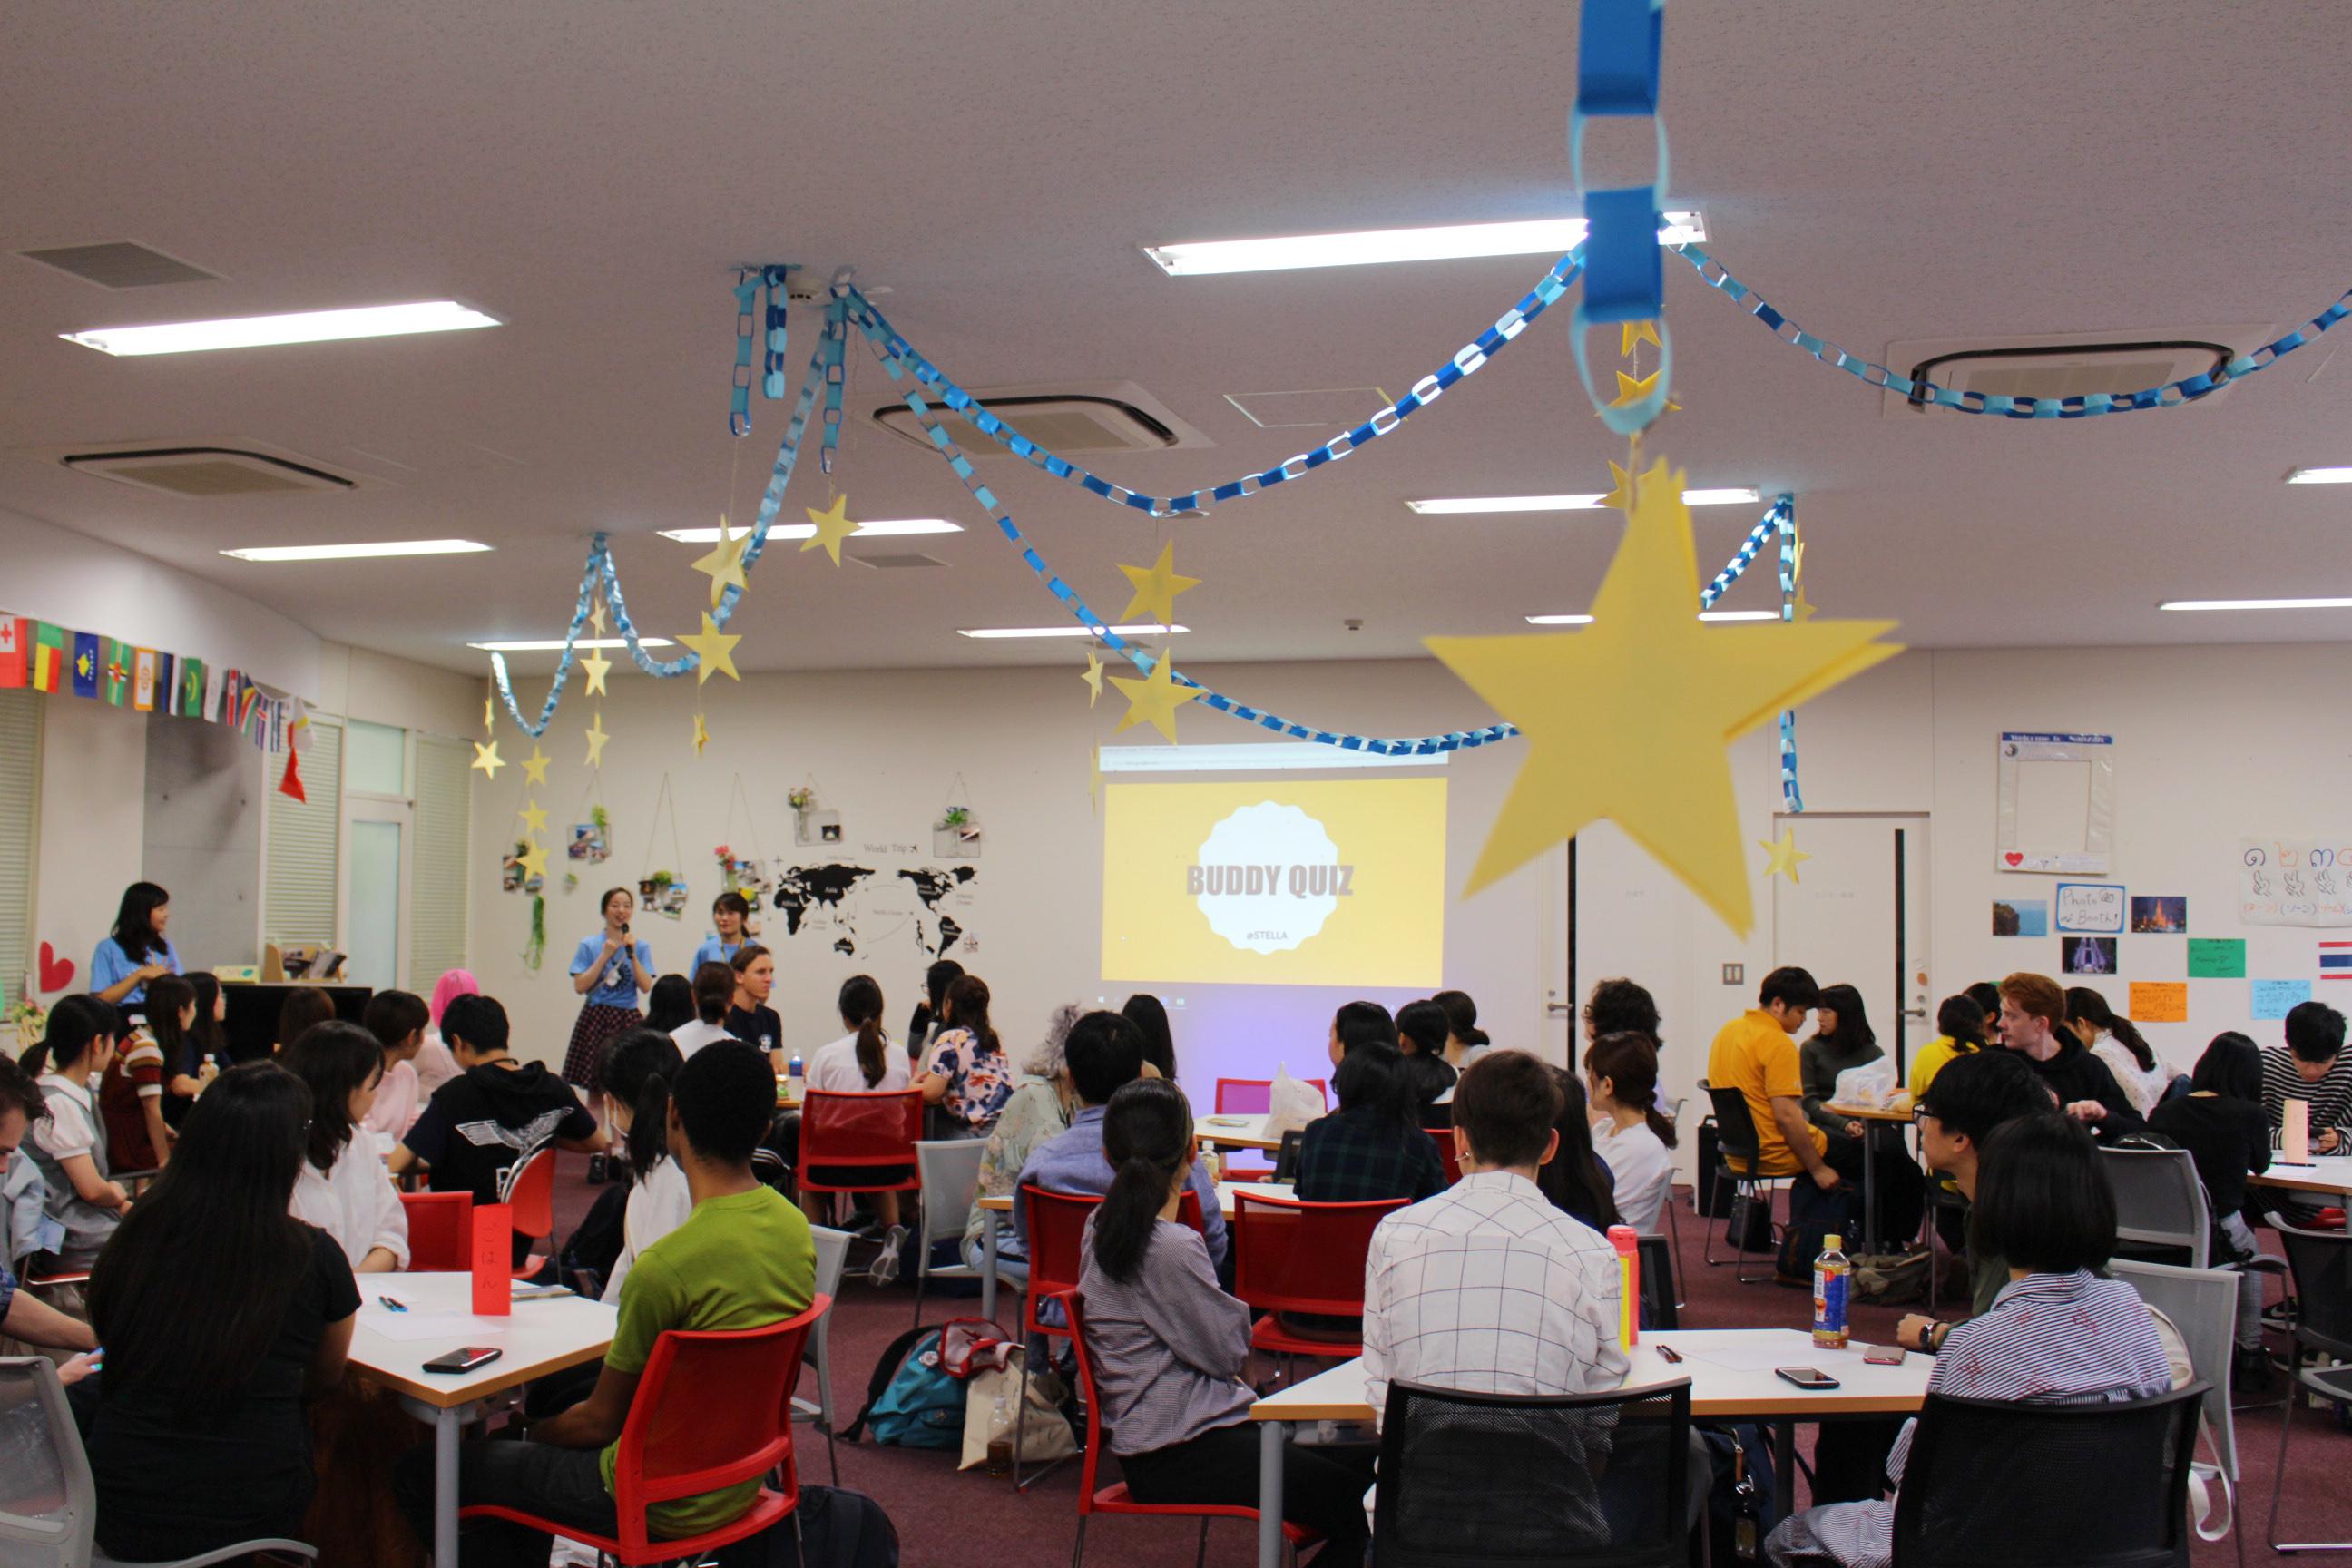 大学 2020 南山 オープン キャンパス 近畿大学 オープンキャンパス